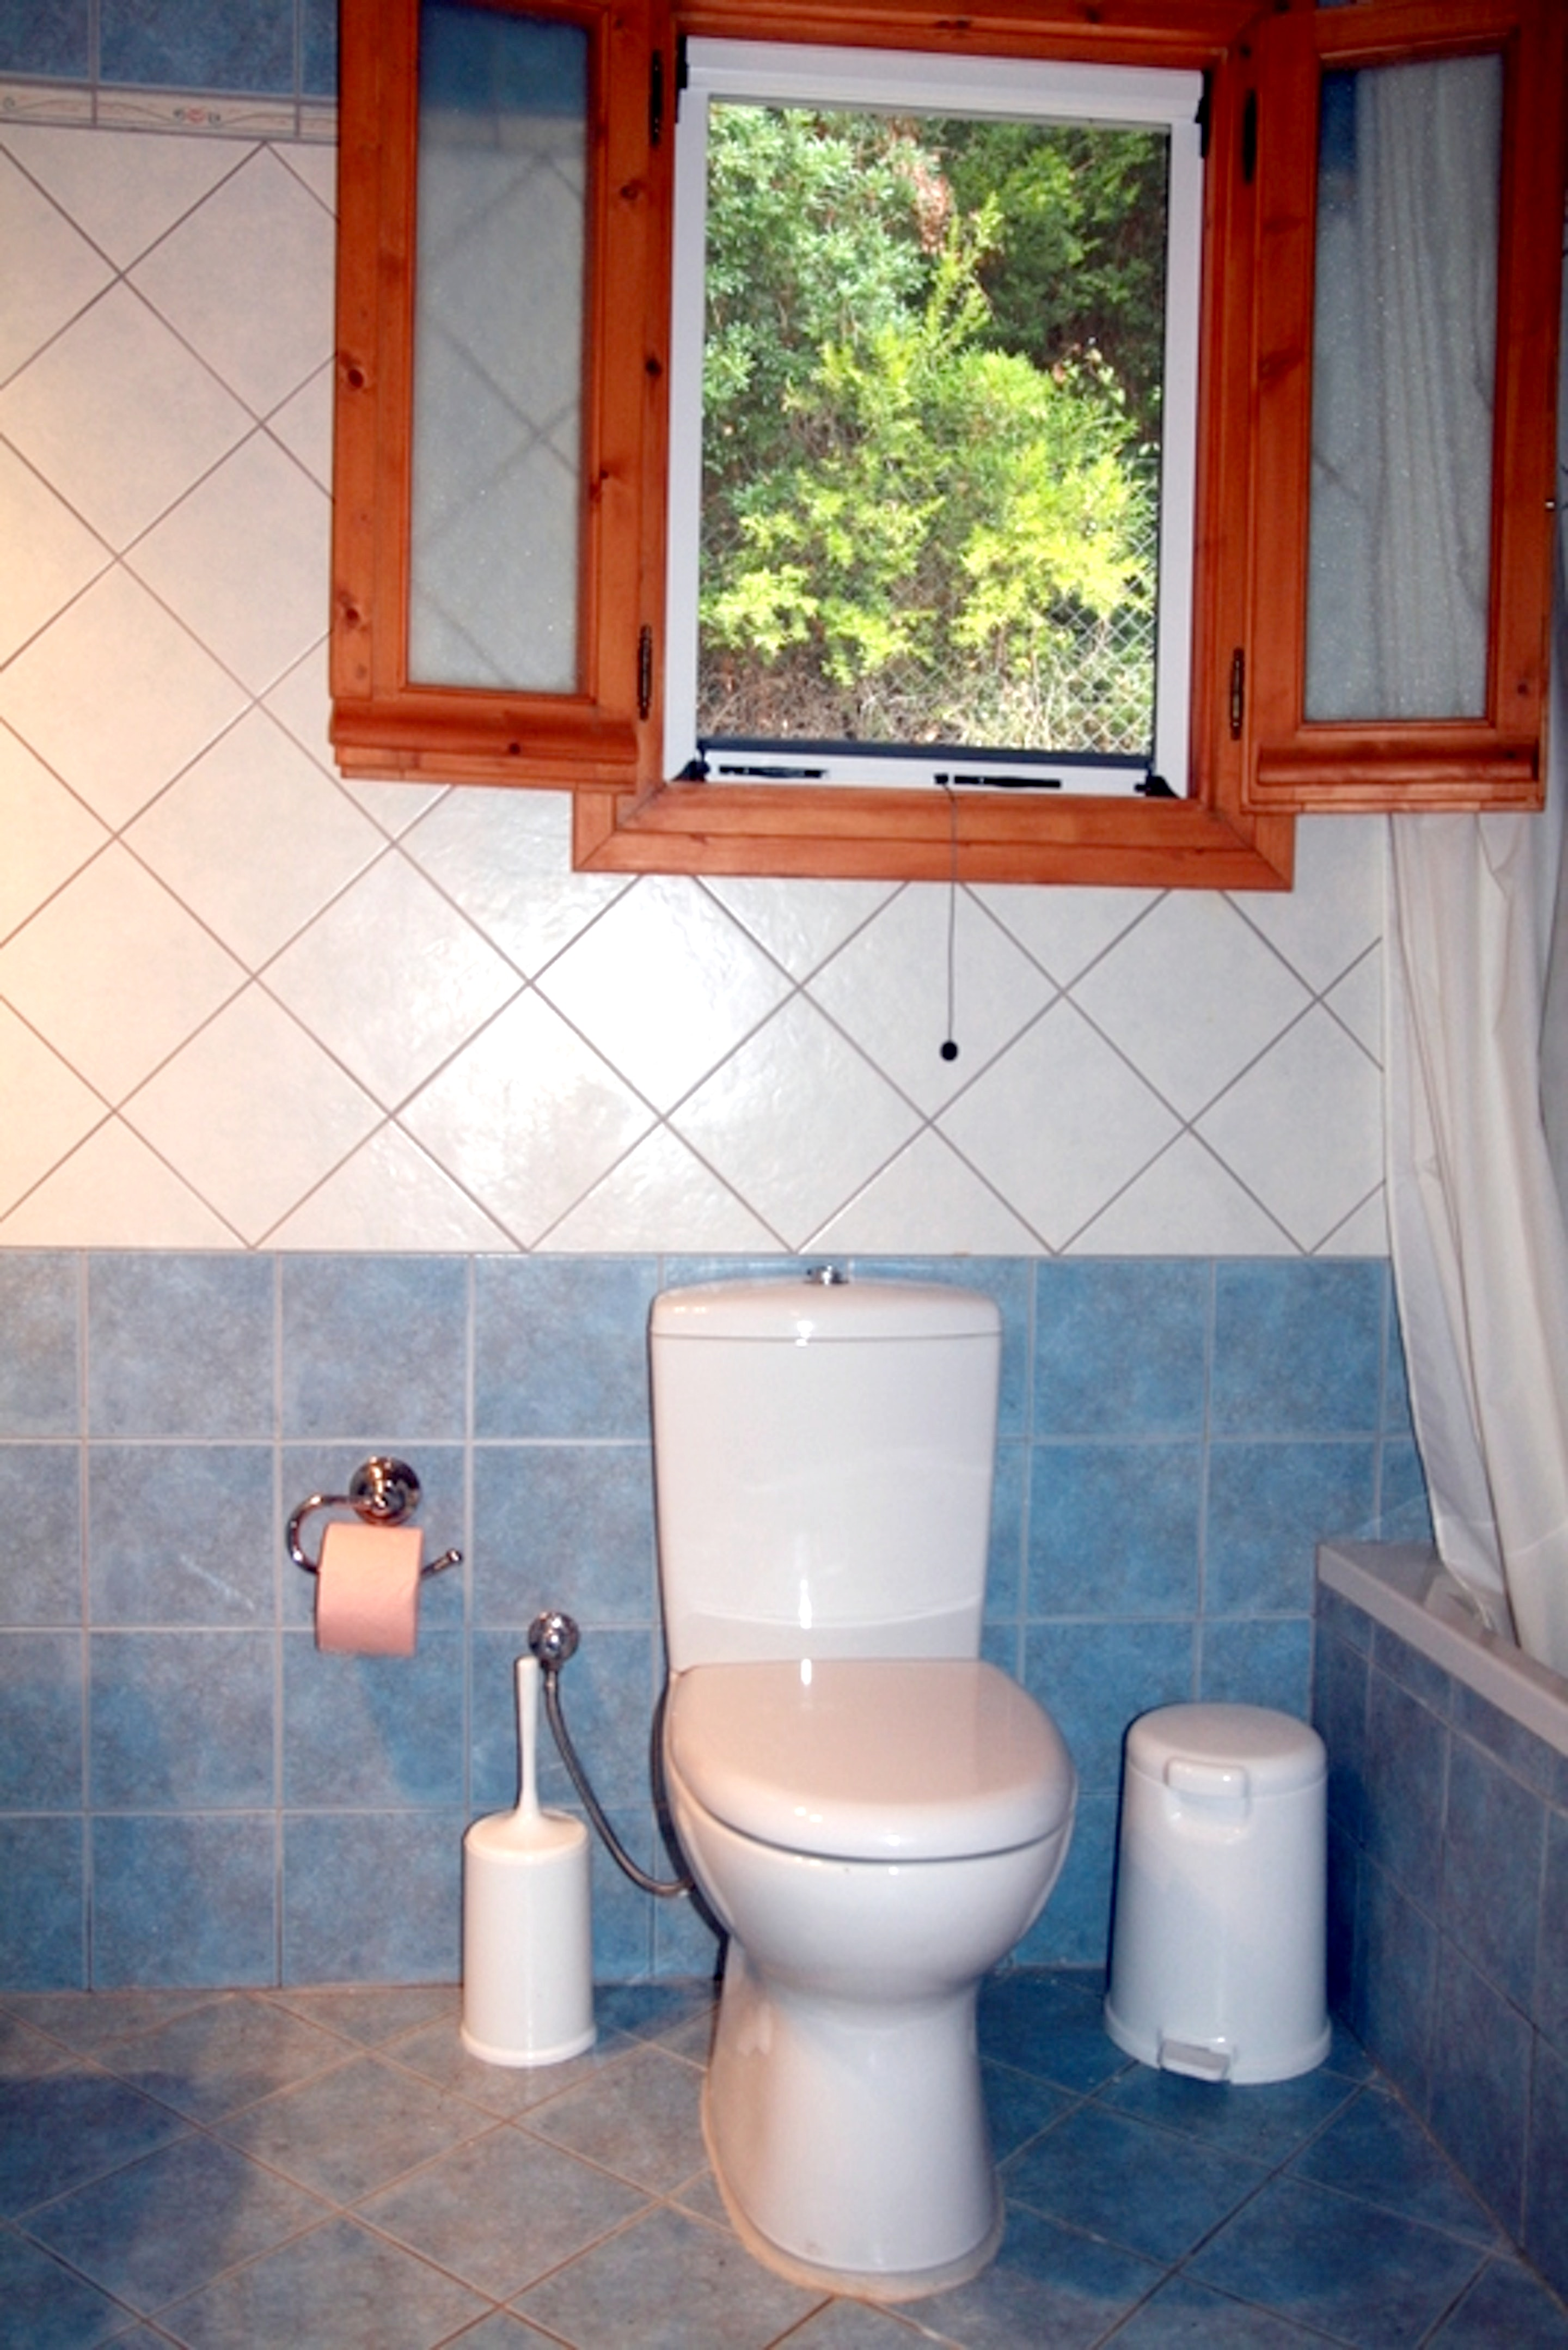 Maison de vacances Haus mit 2 Schlafzimmern in Corfou mit toller Aussicht auf die Berge (2202447), Moraitika, Corfou, Iles Ioniennes, Grèce, image 13